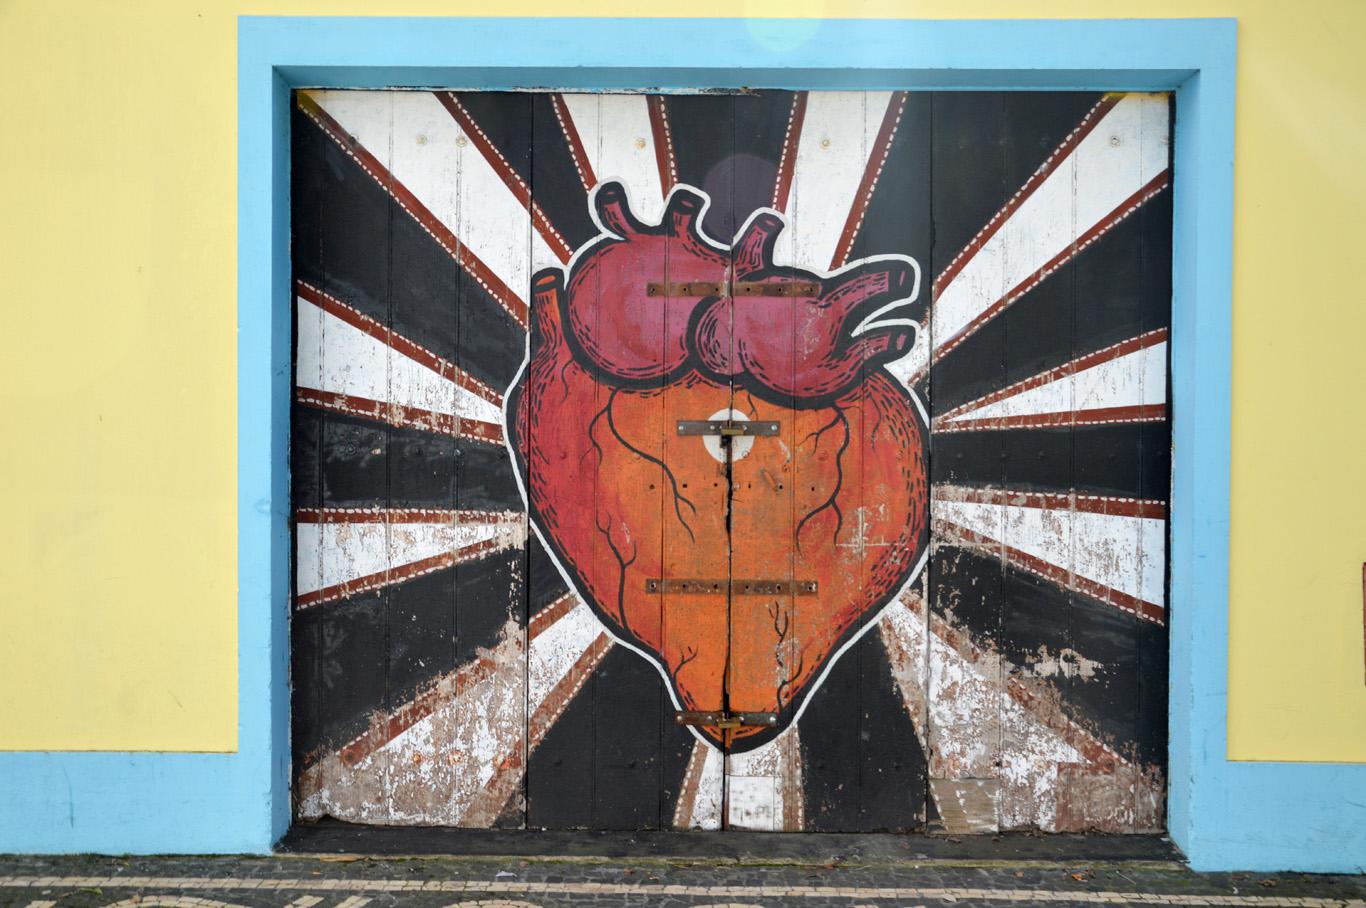 A graffiti in Ponta Delgada